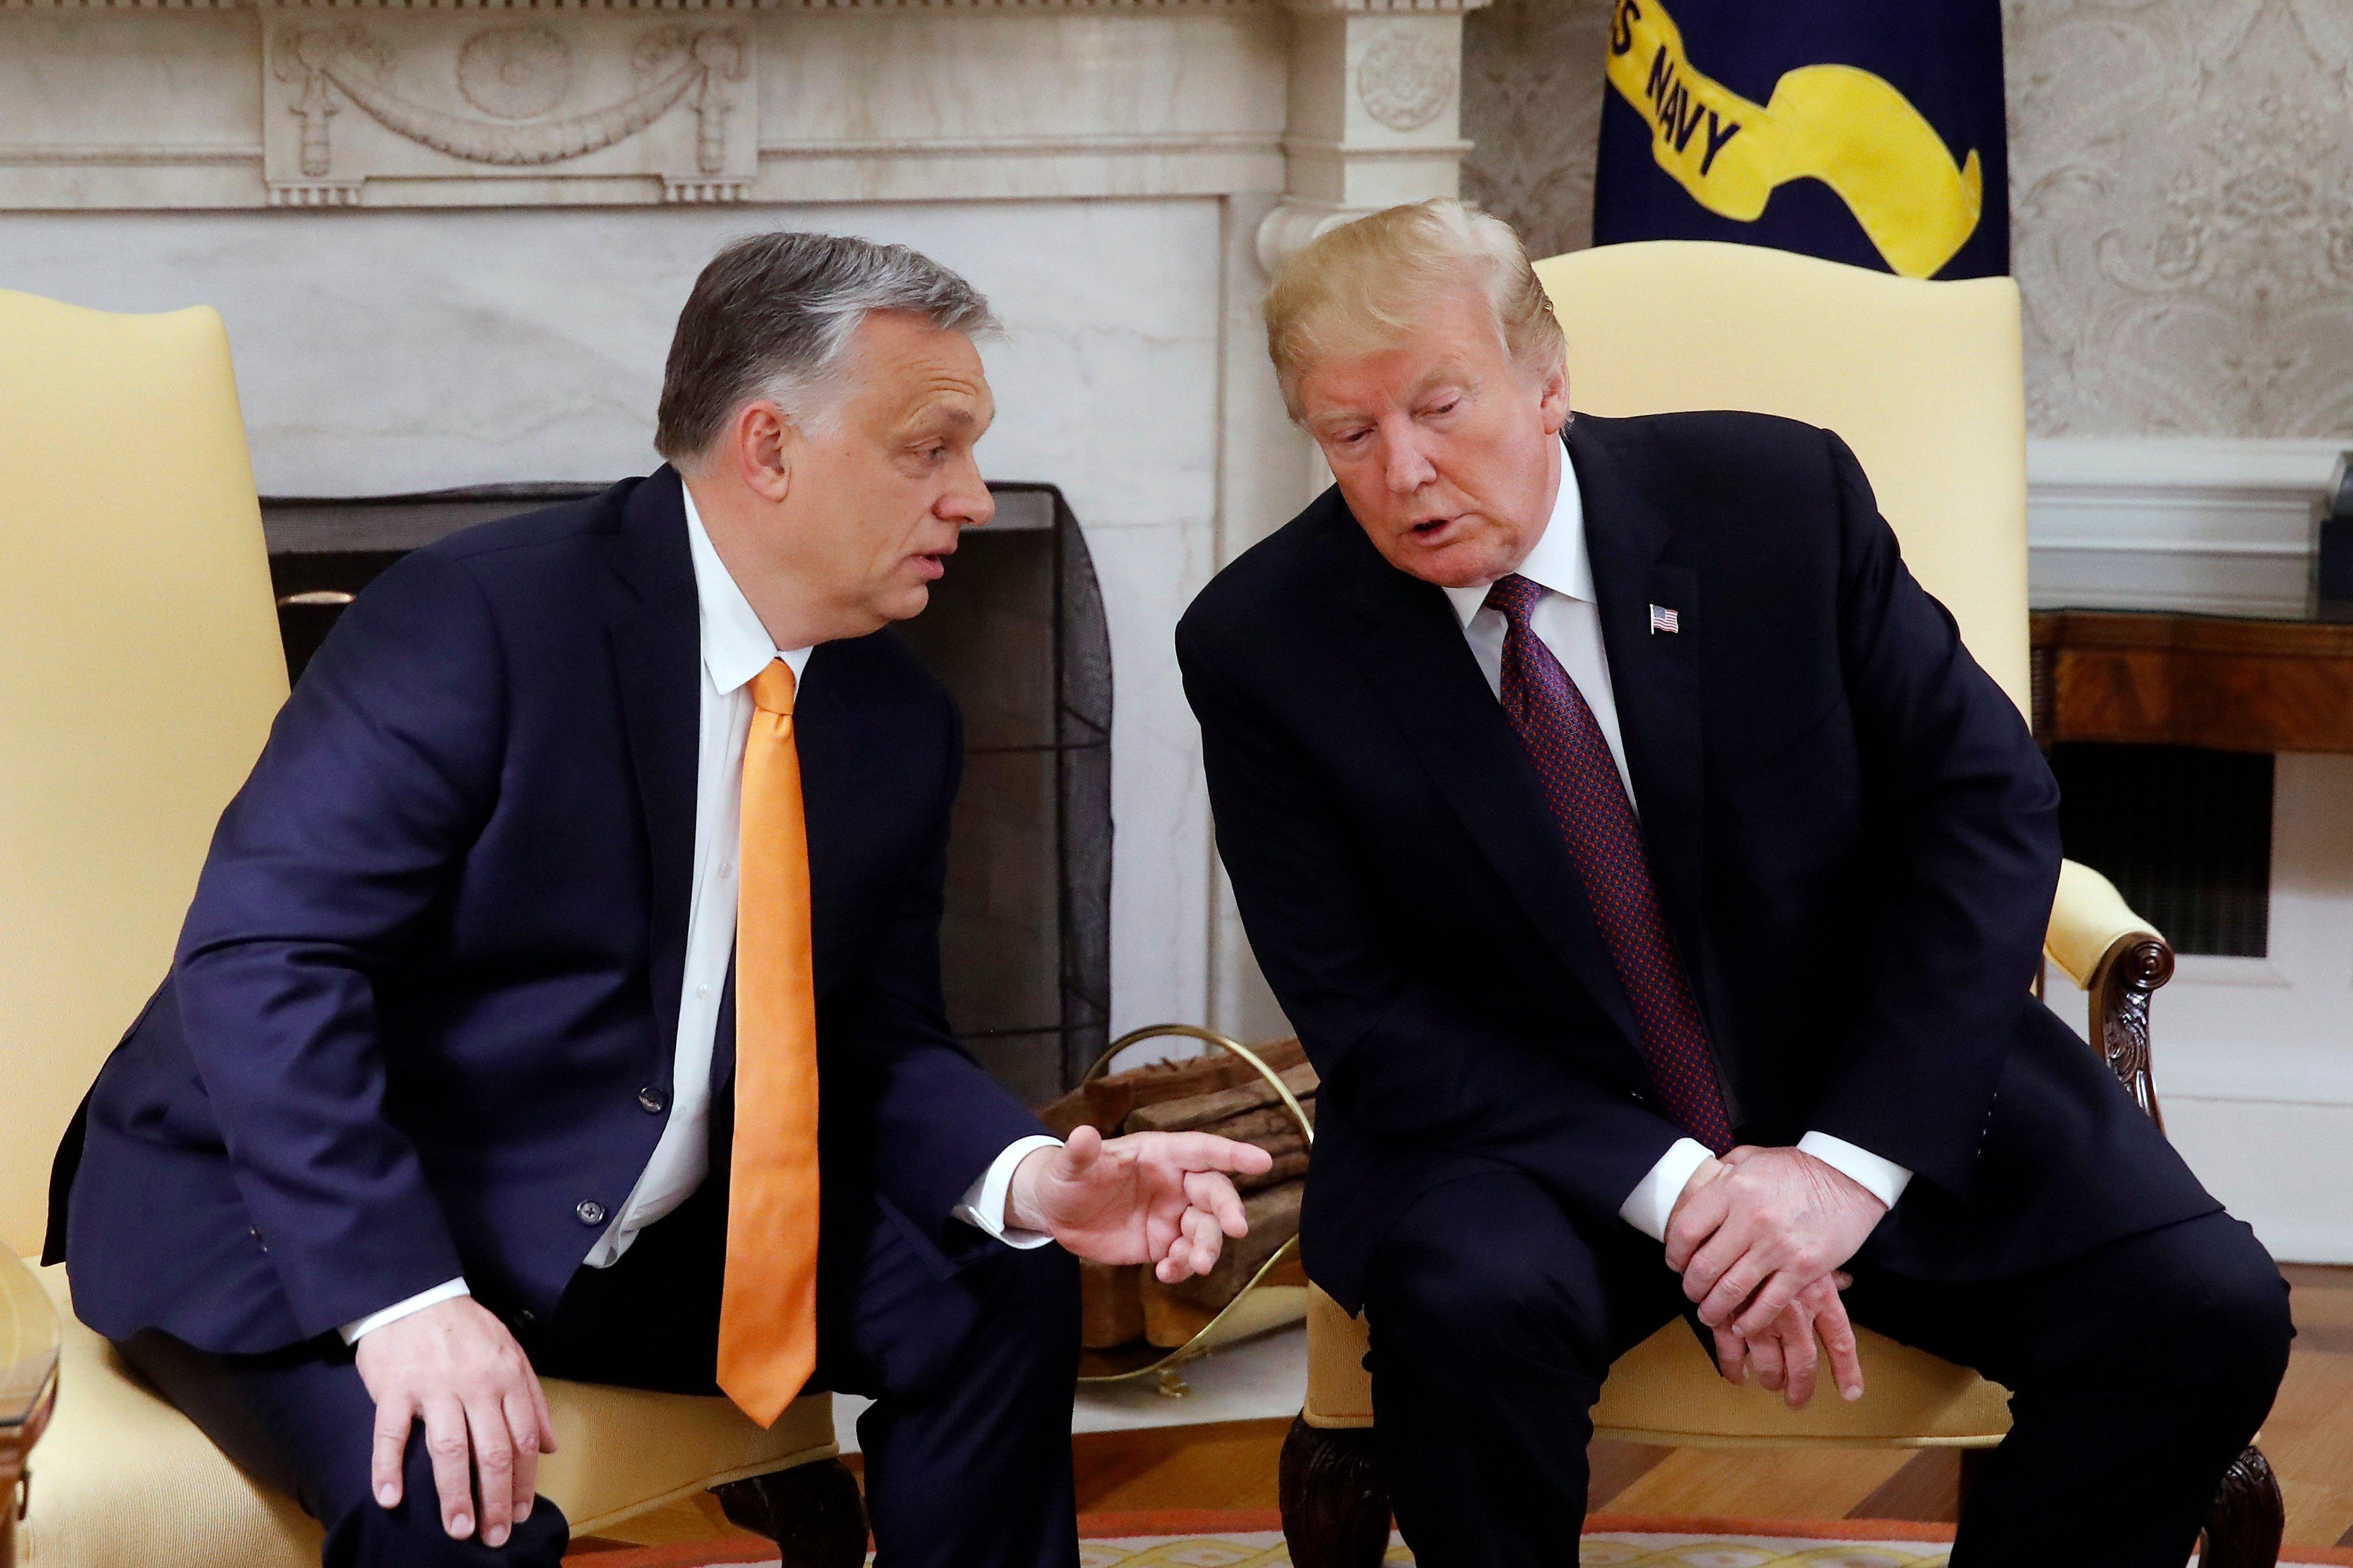 Így került bele Orbán Viktor a Donald Trump elnökségét fenyegető botrányba